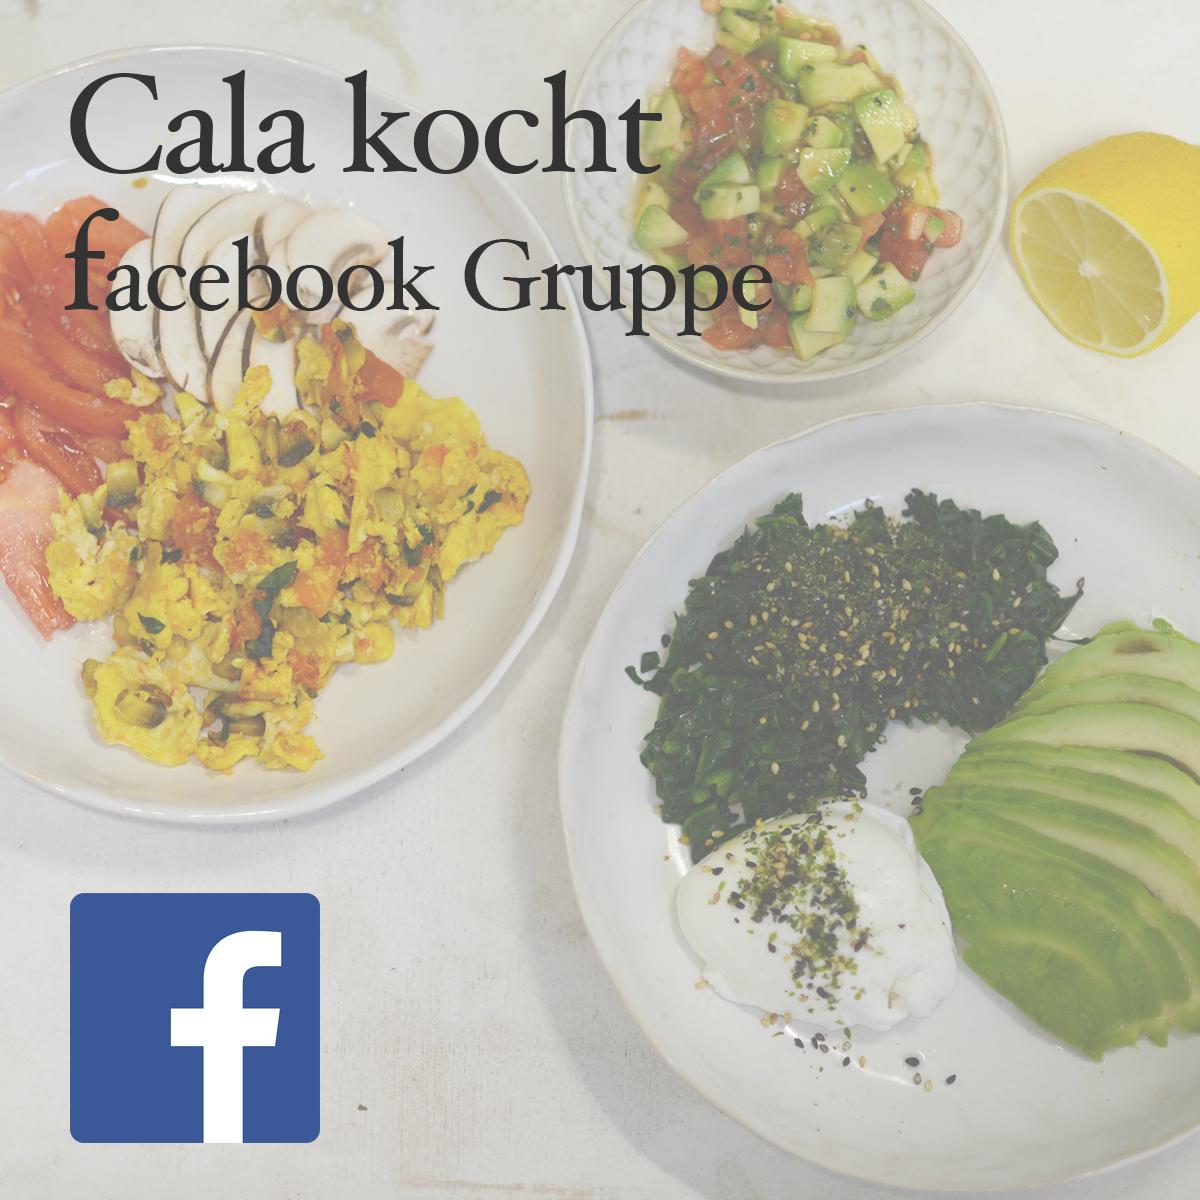 Cala kocht facebook Gruppe